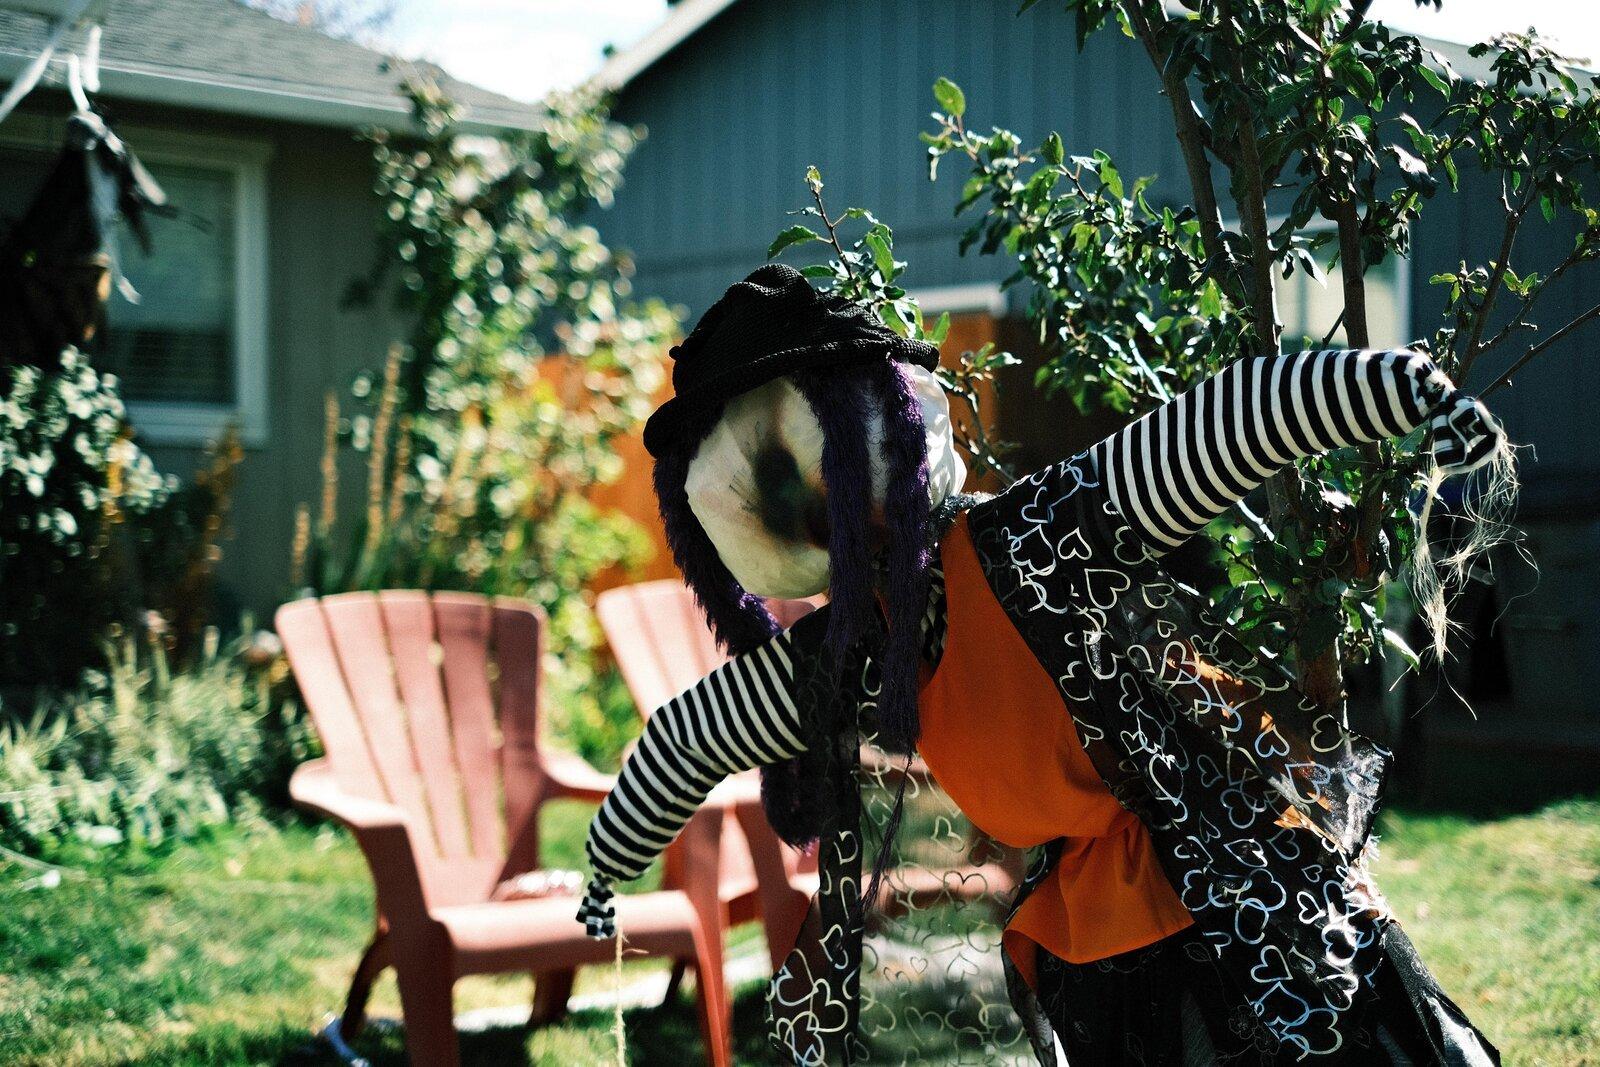 XPro3_Oct6_21_Halloween_Mannequin#1.jpg